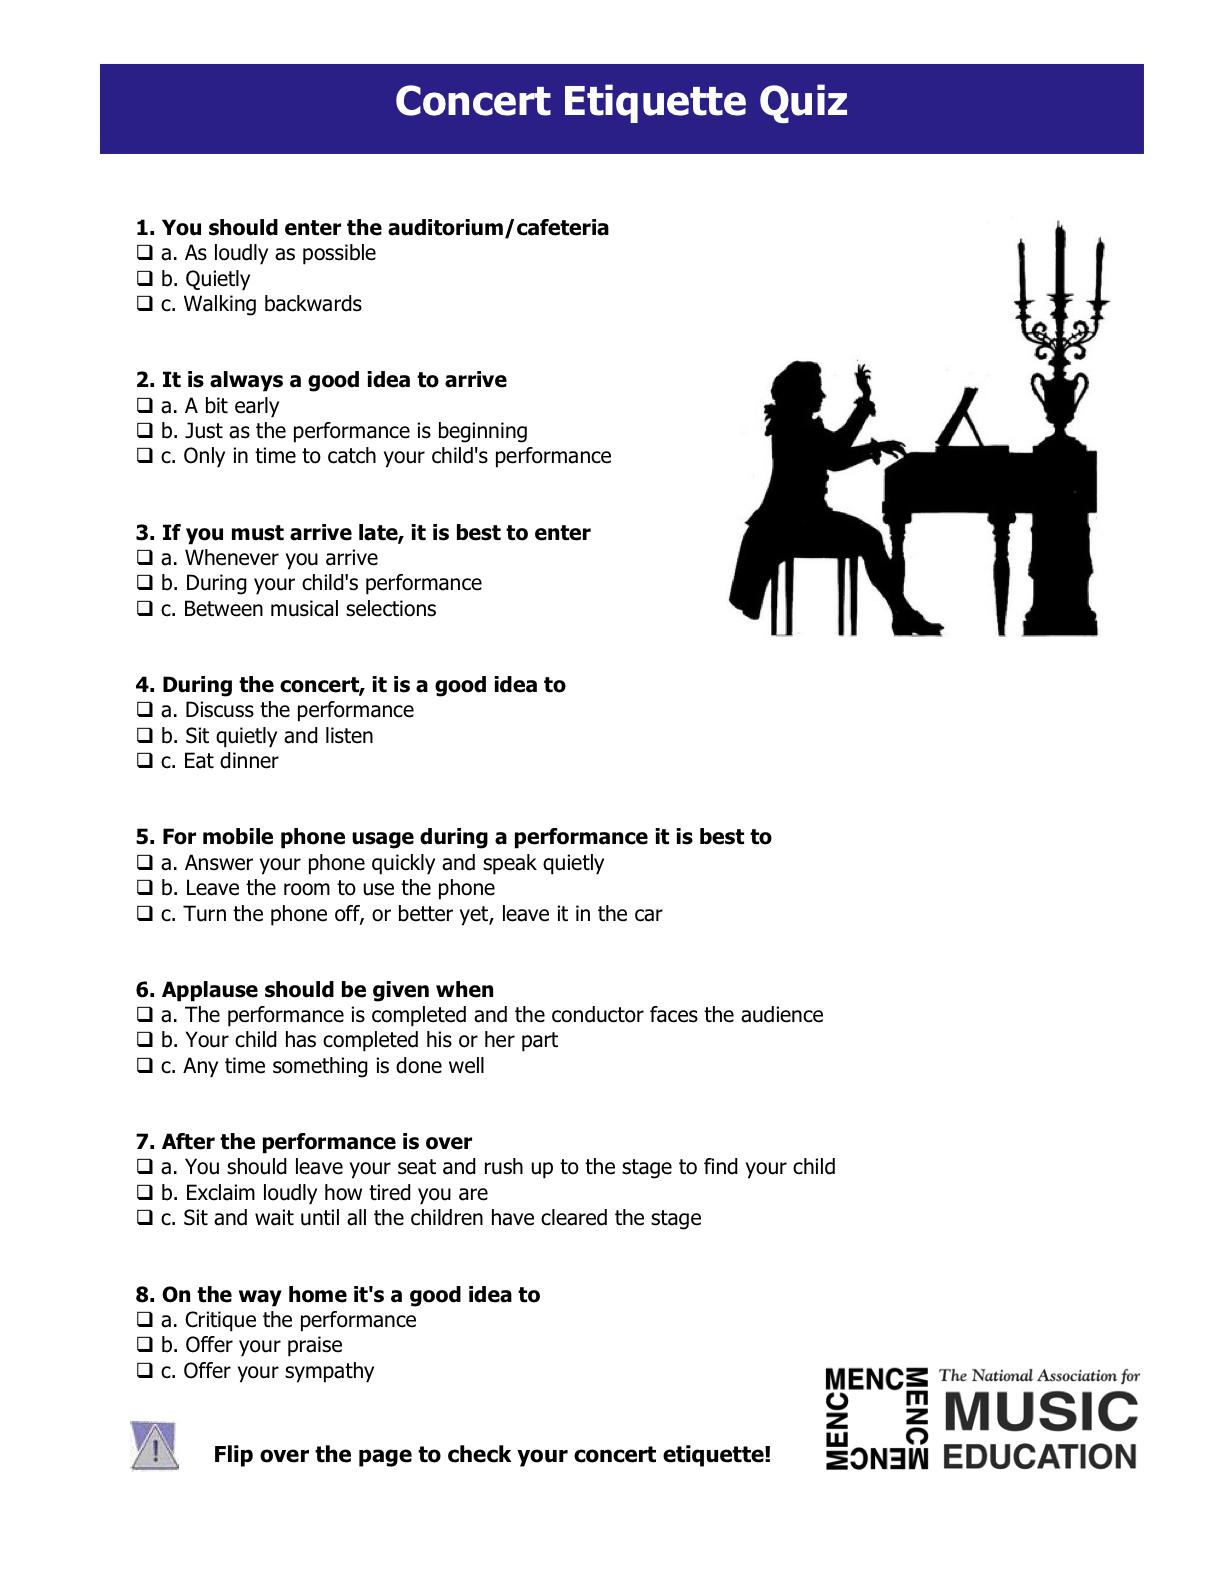 Concert Etiquette Rules Amp Quiz